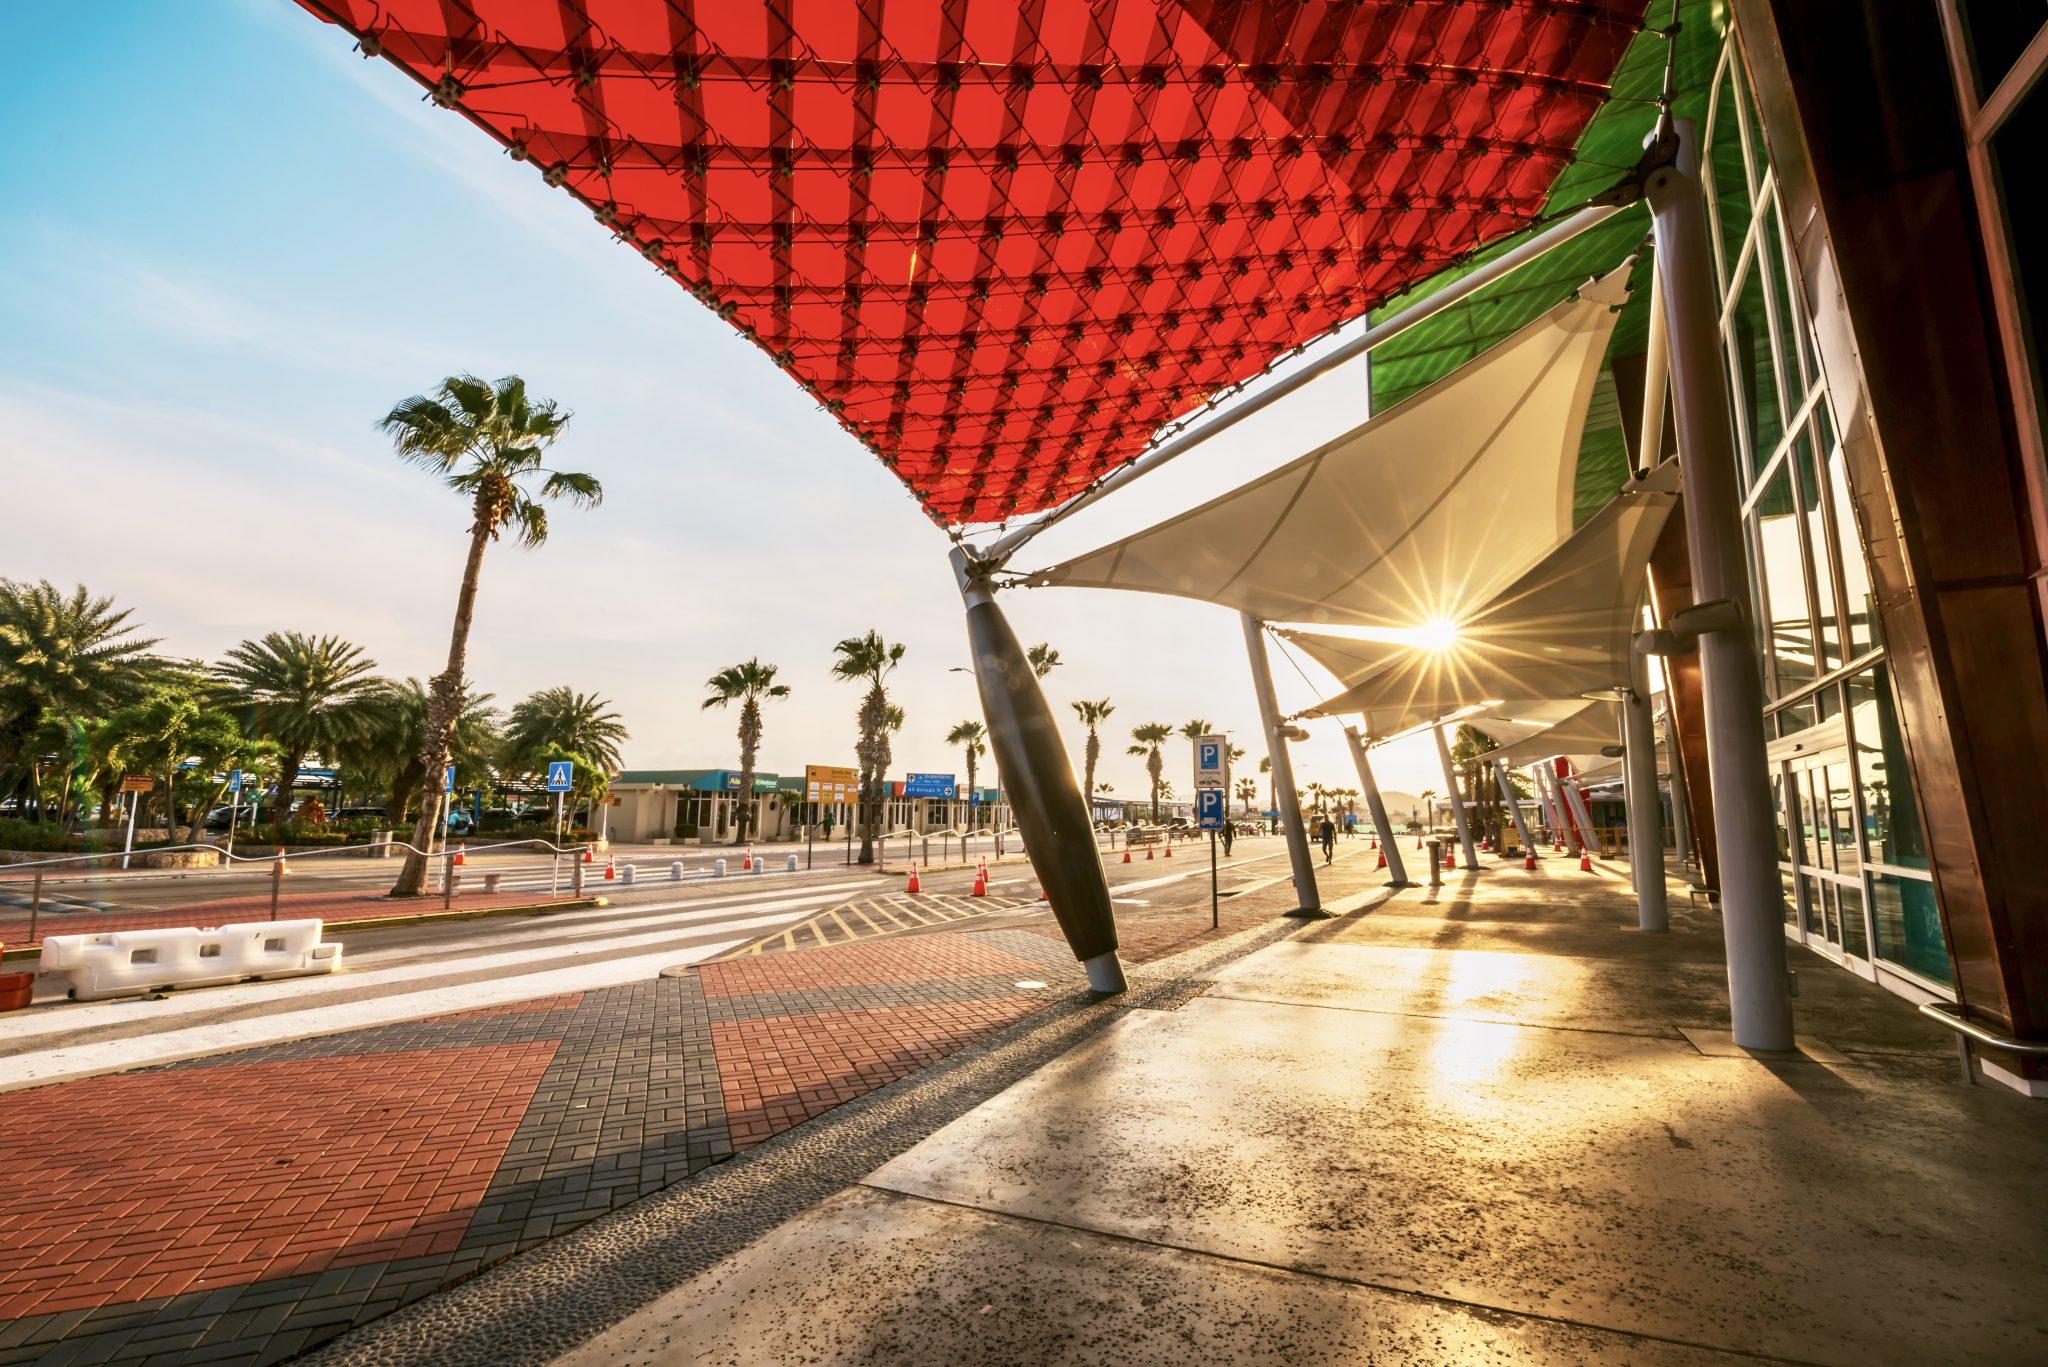 Queen Beatrix International Airport departures entrance